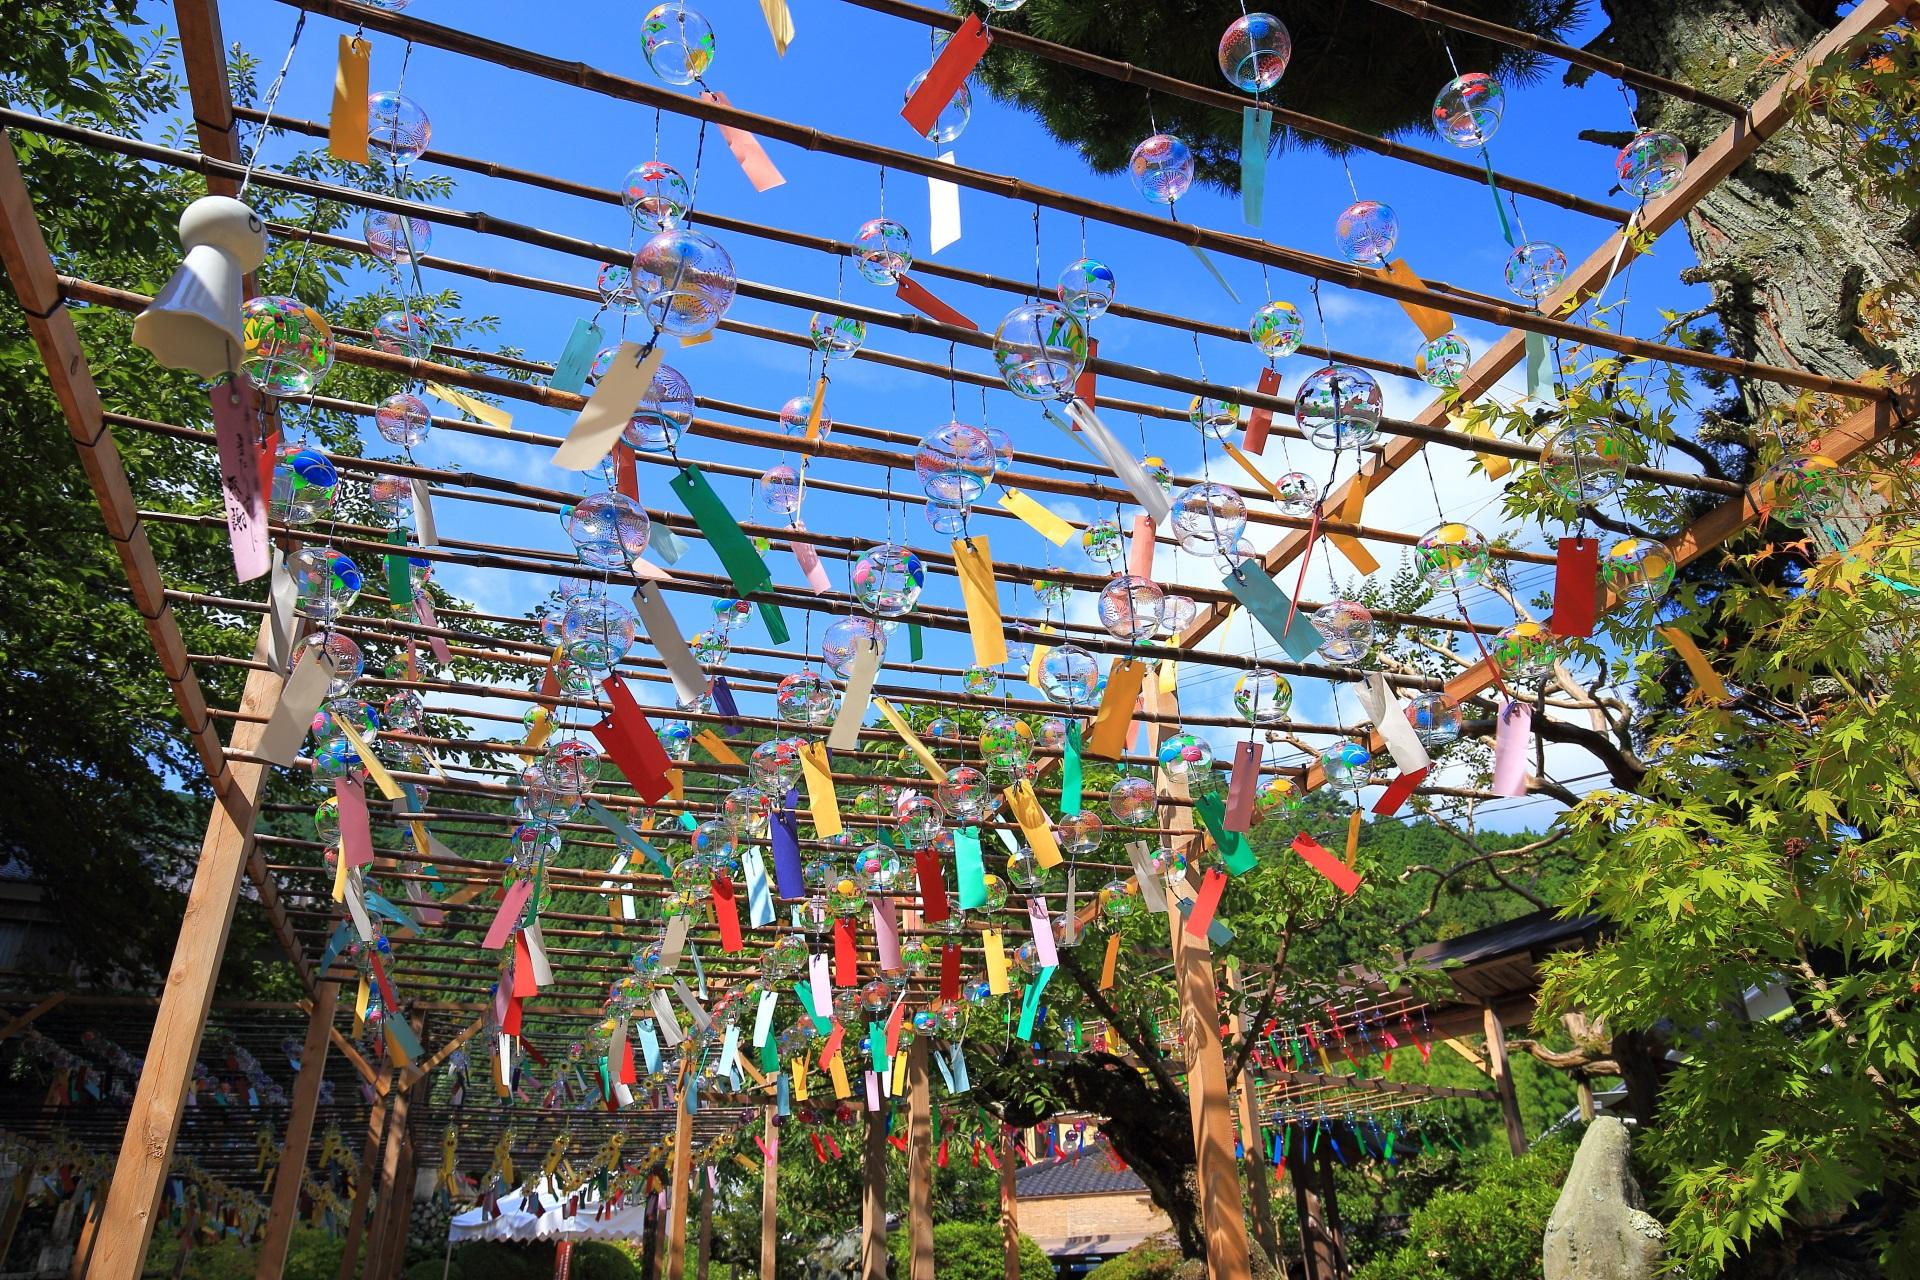 風が吹けば一斉に賑やかで心地よい音色を響かせる正寿院のたくさんの風鈴